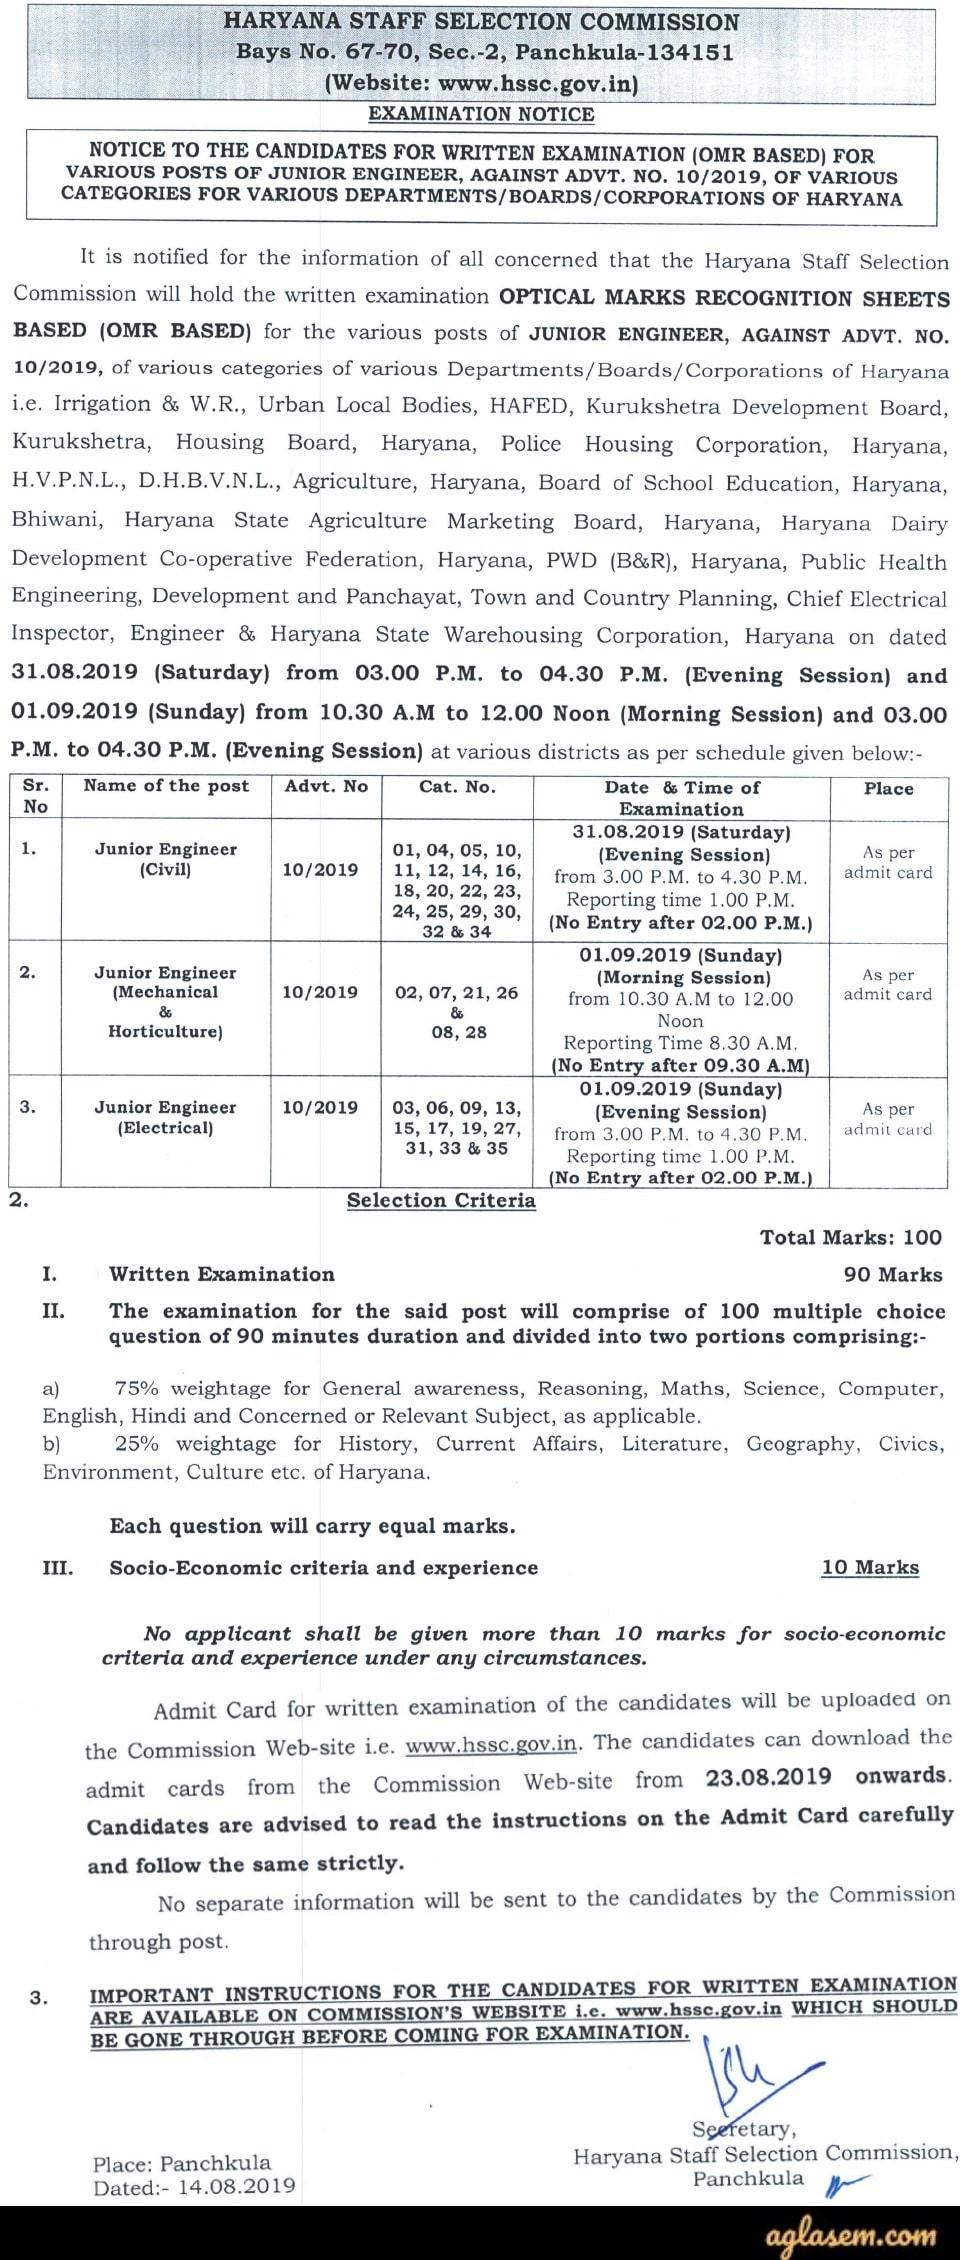 HSSC JE 2019 Exam Notice